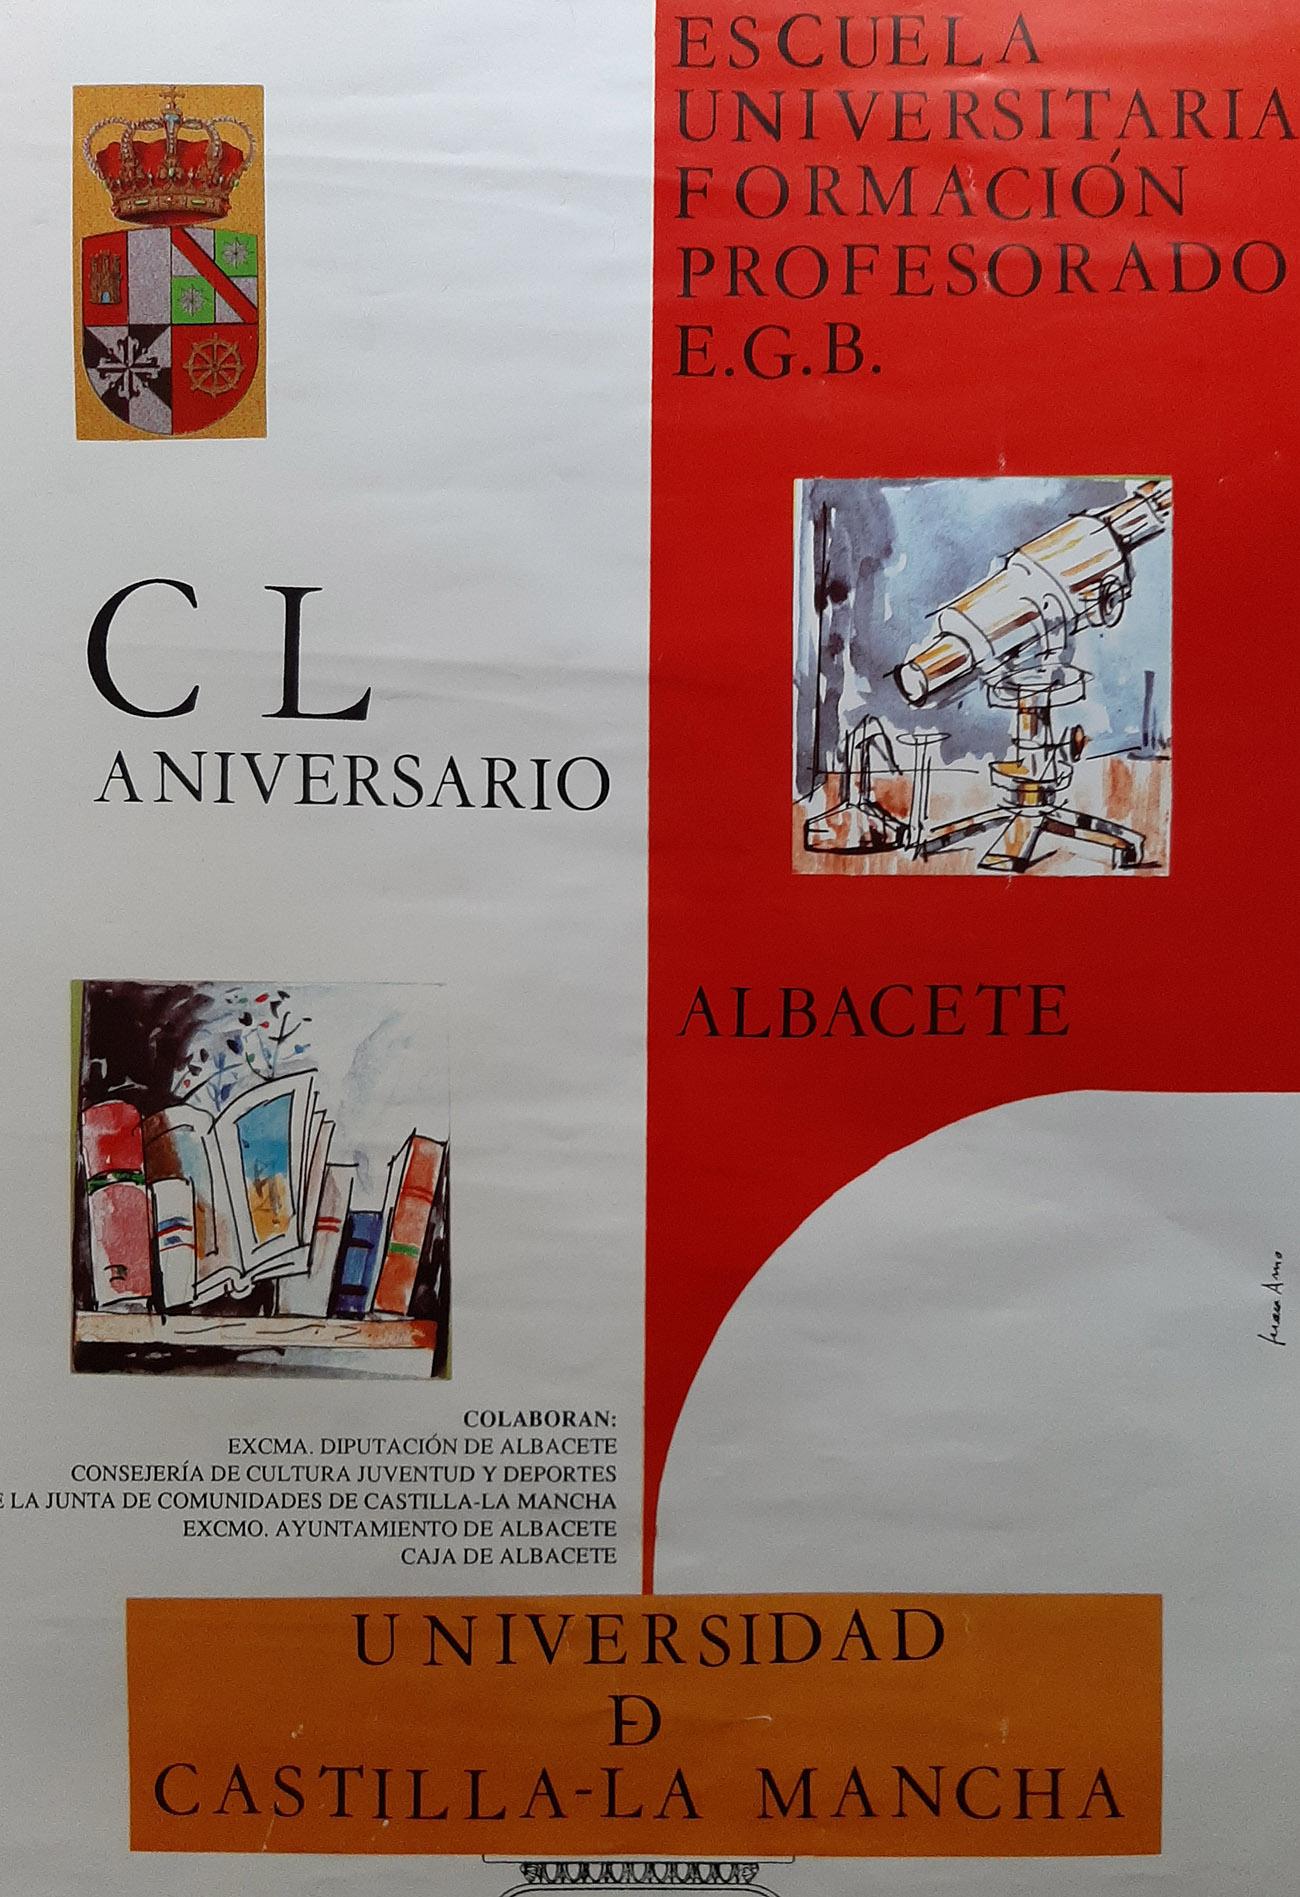 Juan Amo. (1992). CARTEL. 150 Aniversario Escuela Universitaria Formación Profesorado Albacete